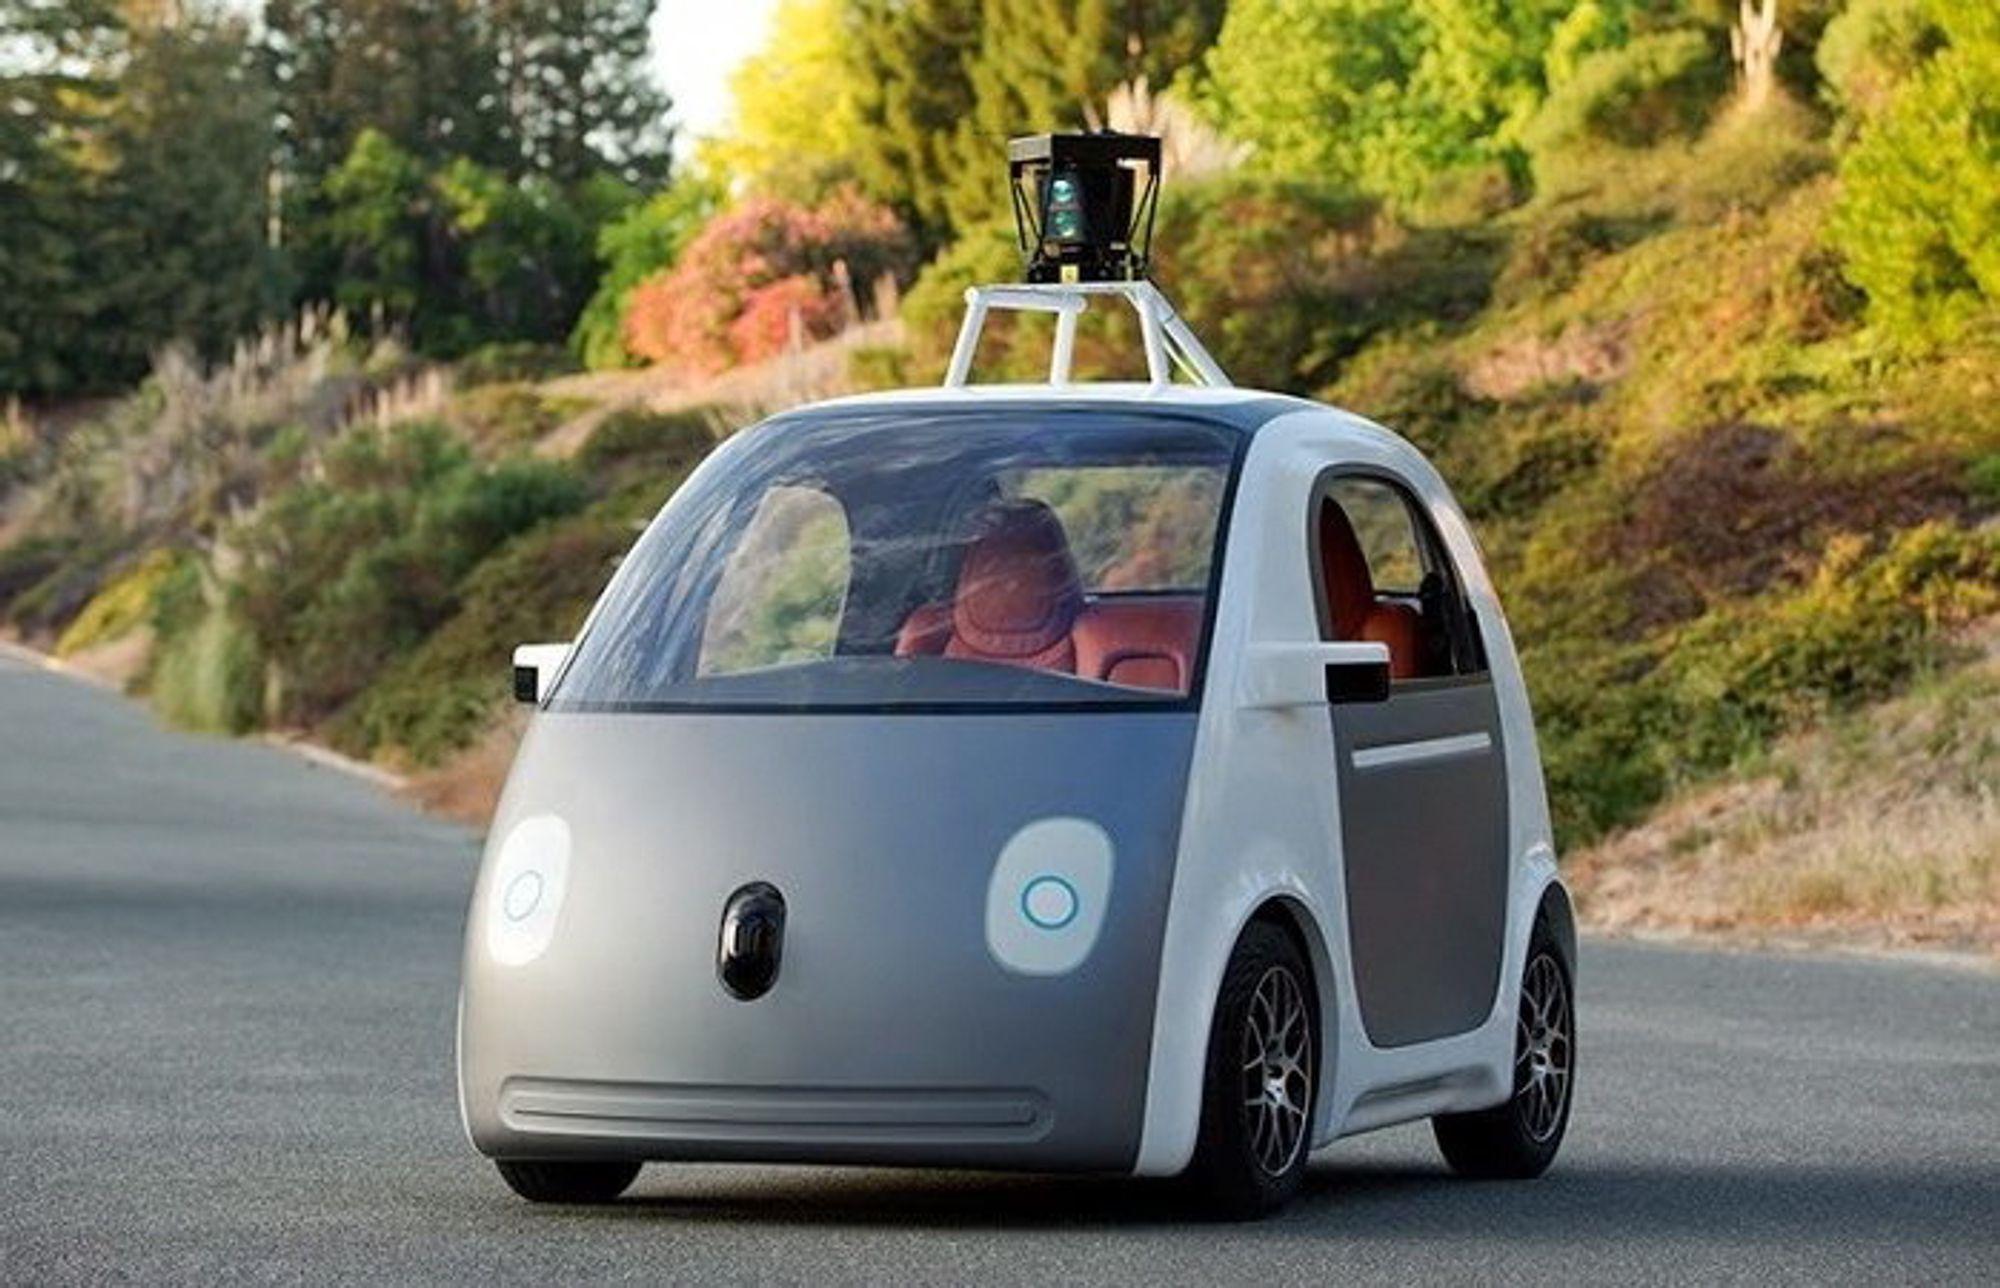 Google har produsert ulike prototyper av selvkjørende biler som om kort tid vil testes ut på veiene i California.